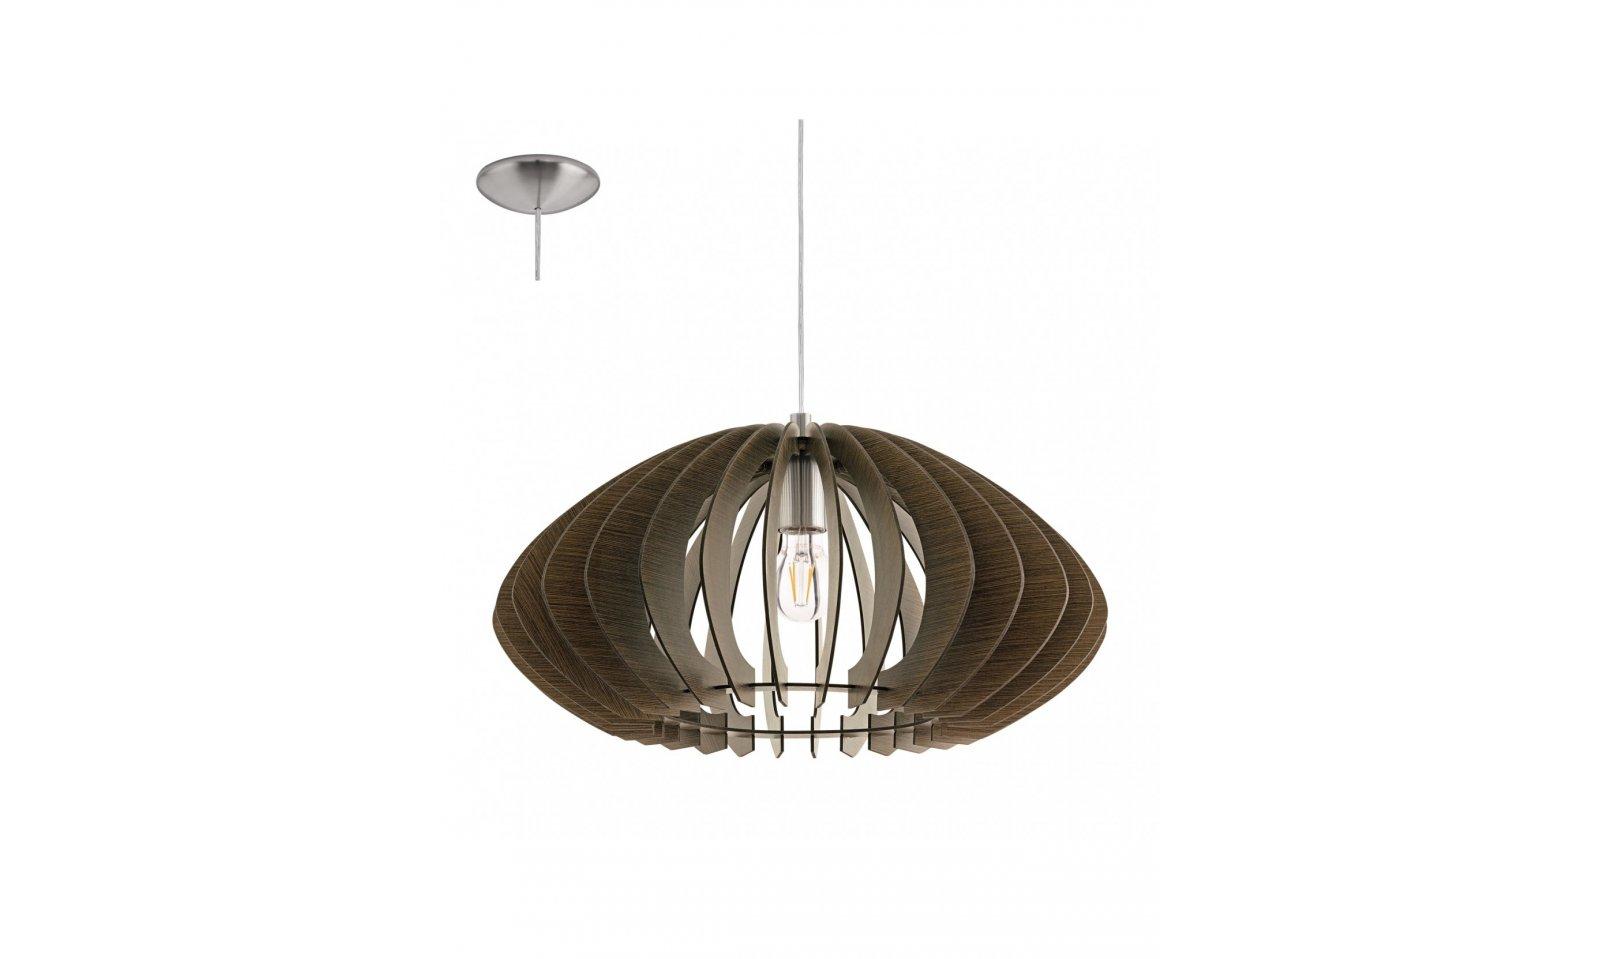 Lampadario Rustico Sospensione : Eglo cossano lampada a sospensione in legno lampadario rustico